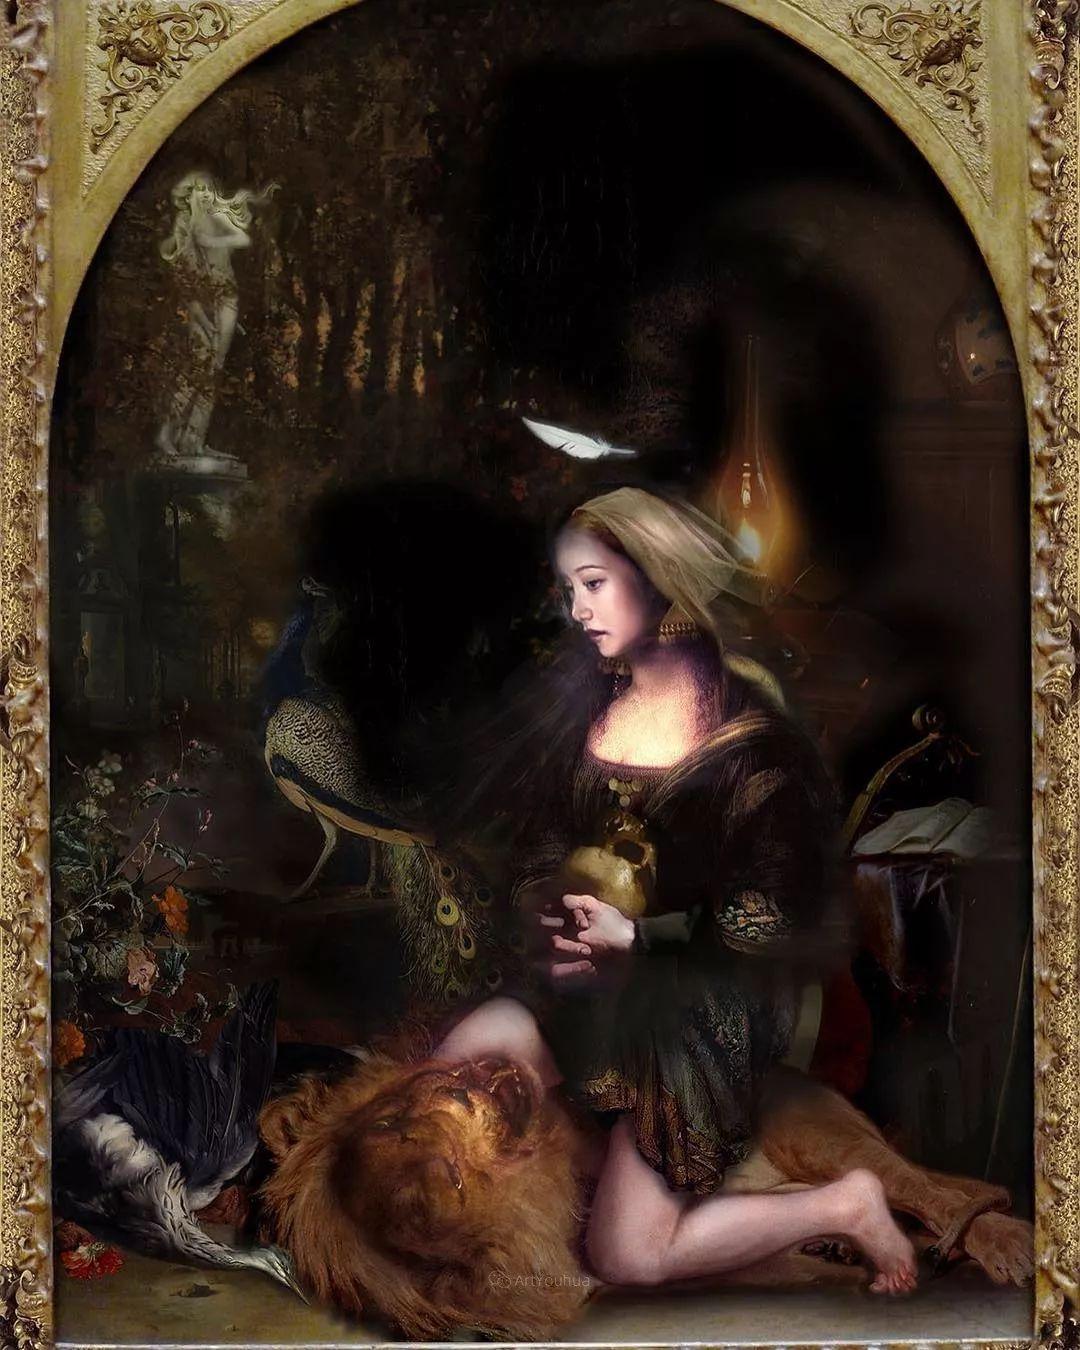 传统绘画与后现代元素的结合,英国画家伊娃·特洛伊插图28